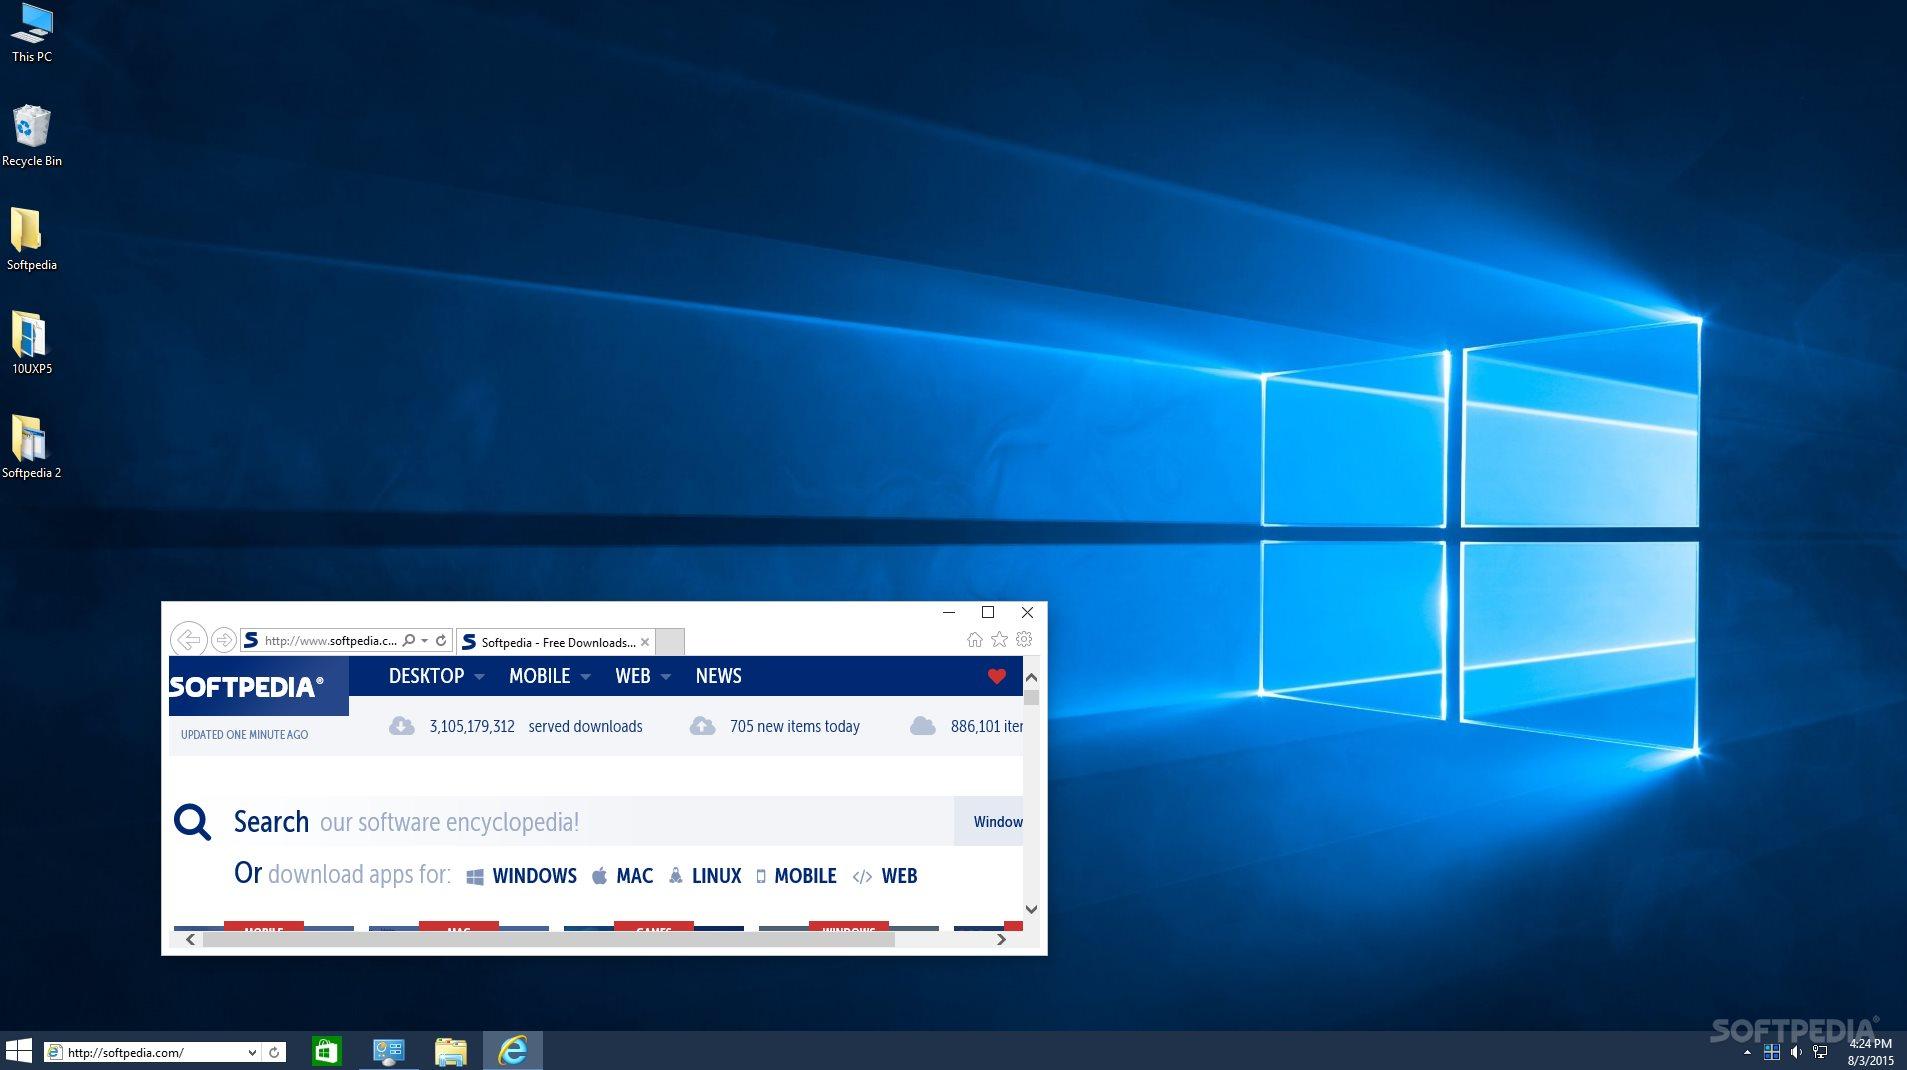 Windows 10 UX Pack 6 0 Released, Makes Windows 7 Look like